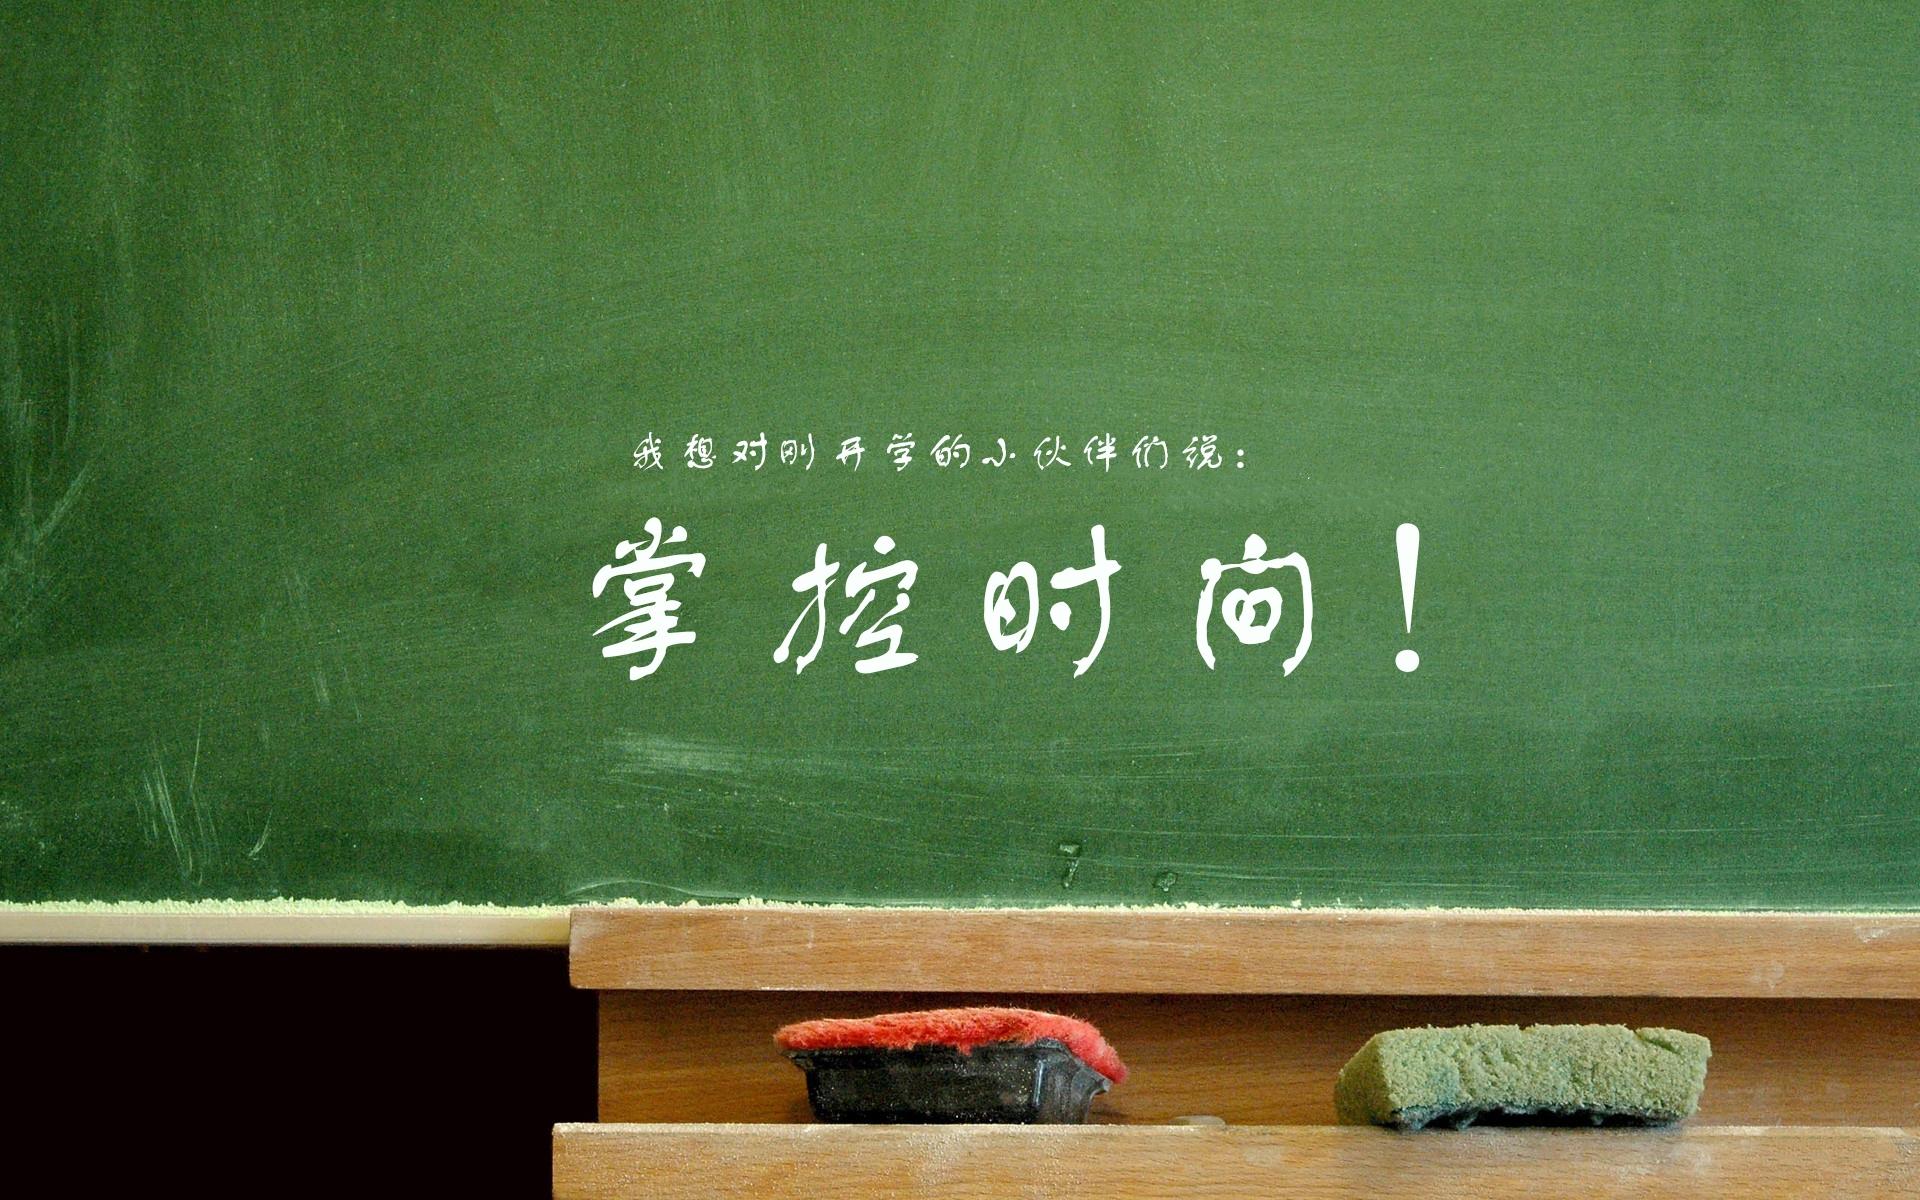 开学季文字ppt背景图片下载